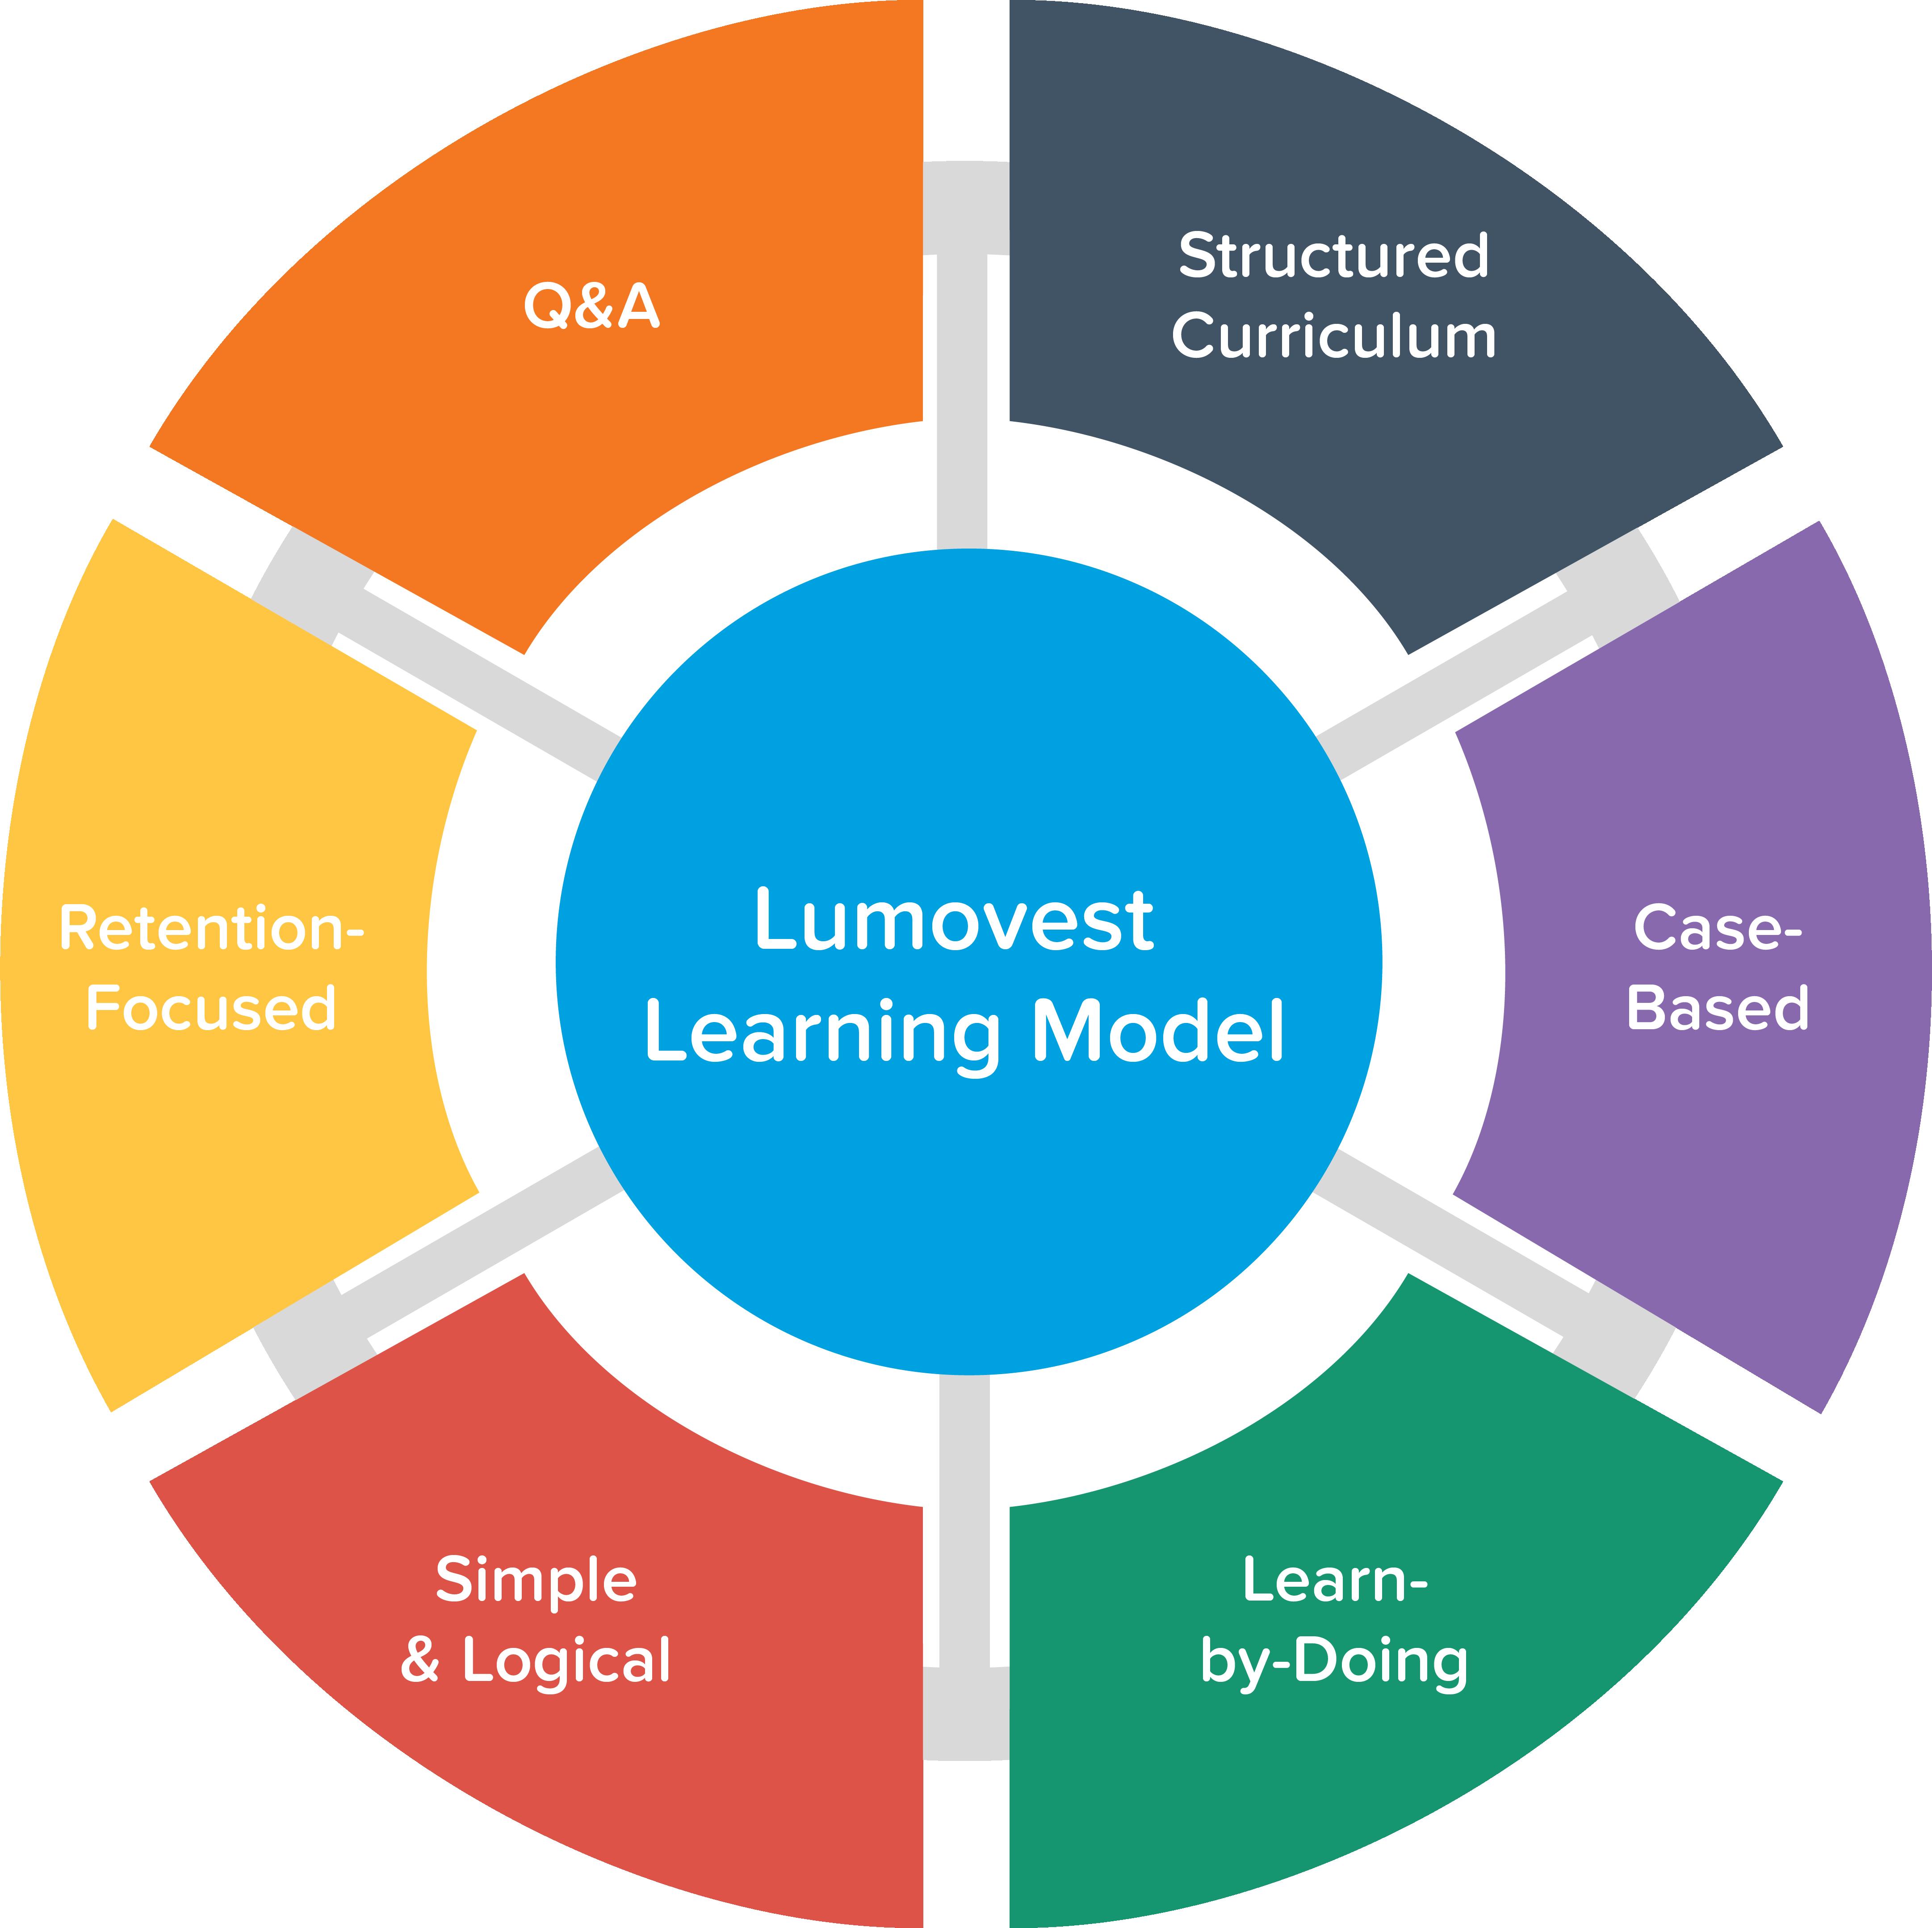 Lumovest Learning Model